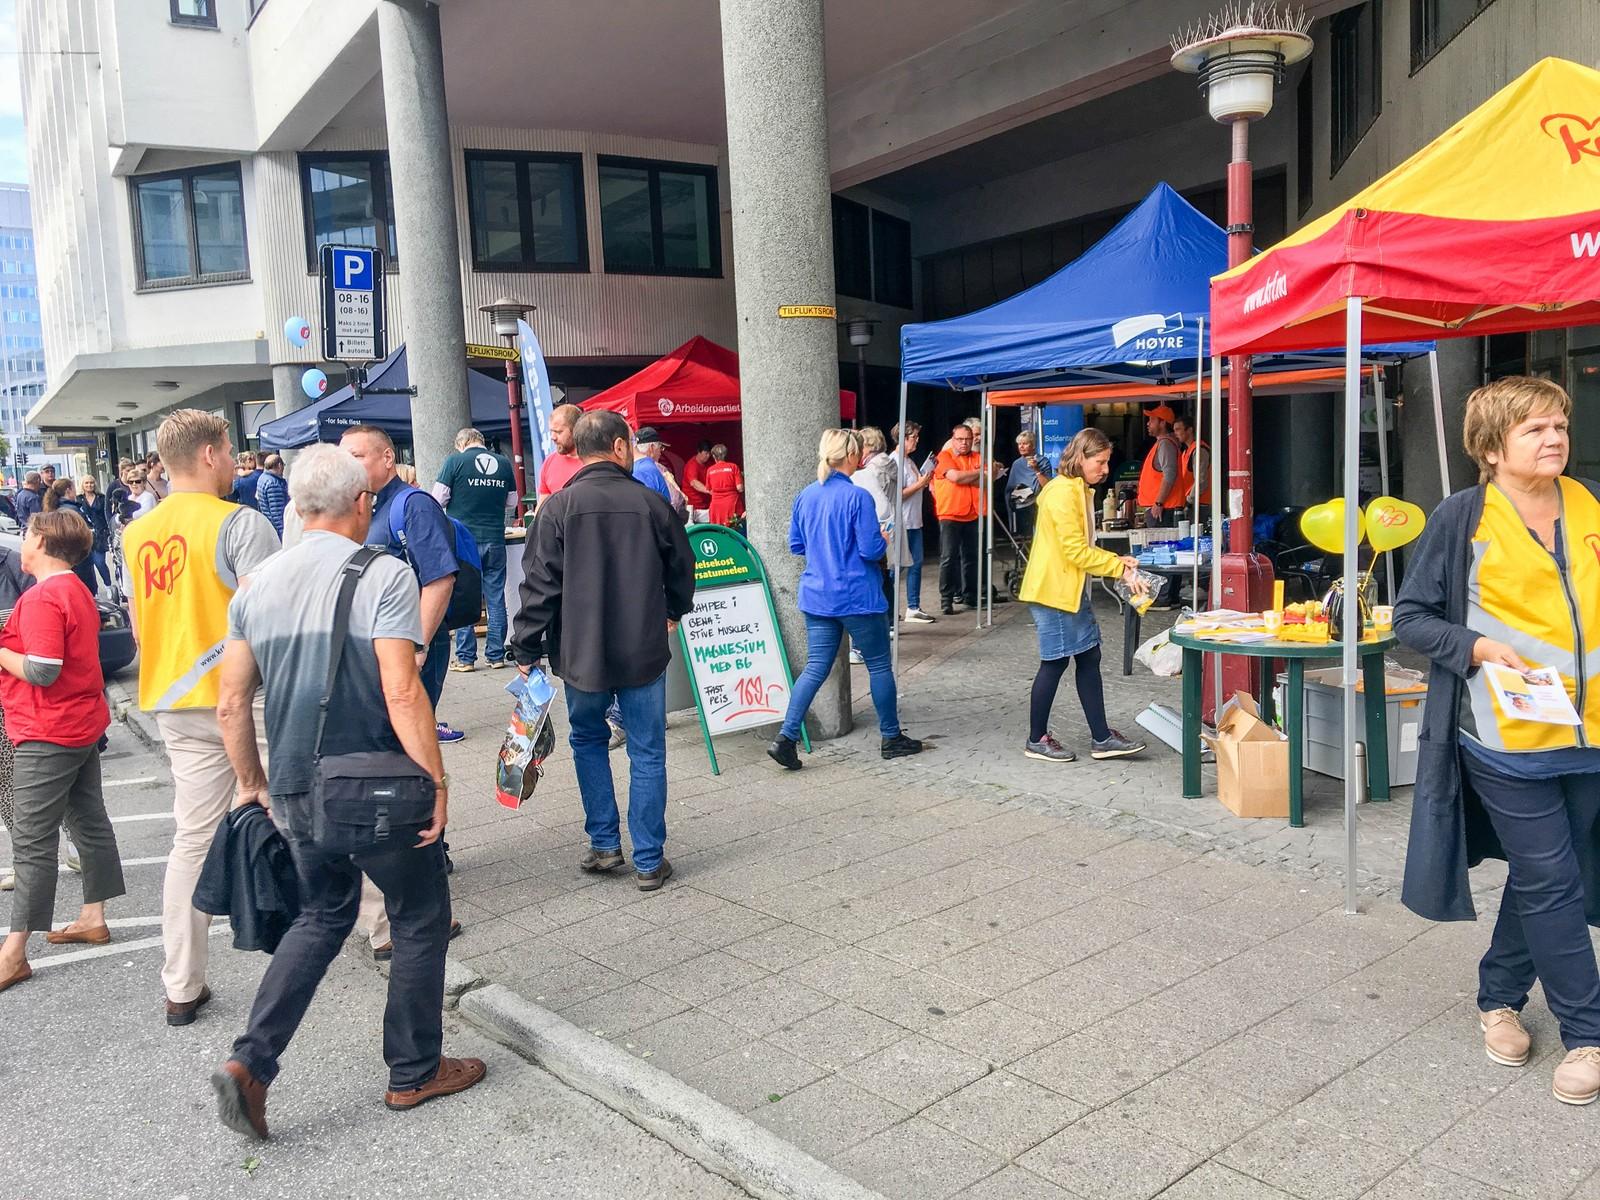 Tidlig lørdag formiddag var det ikke så mange velgere som møtte opp for å få gode råd om hvem de skulle stemme på mandag, men etterhvert ble det nokså fullt ved Korsatunellen i Ålesund